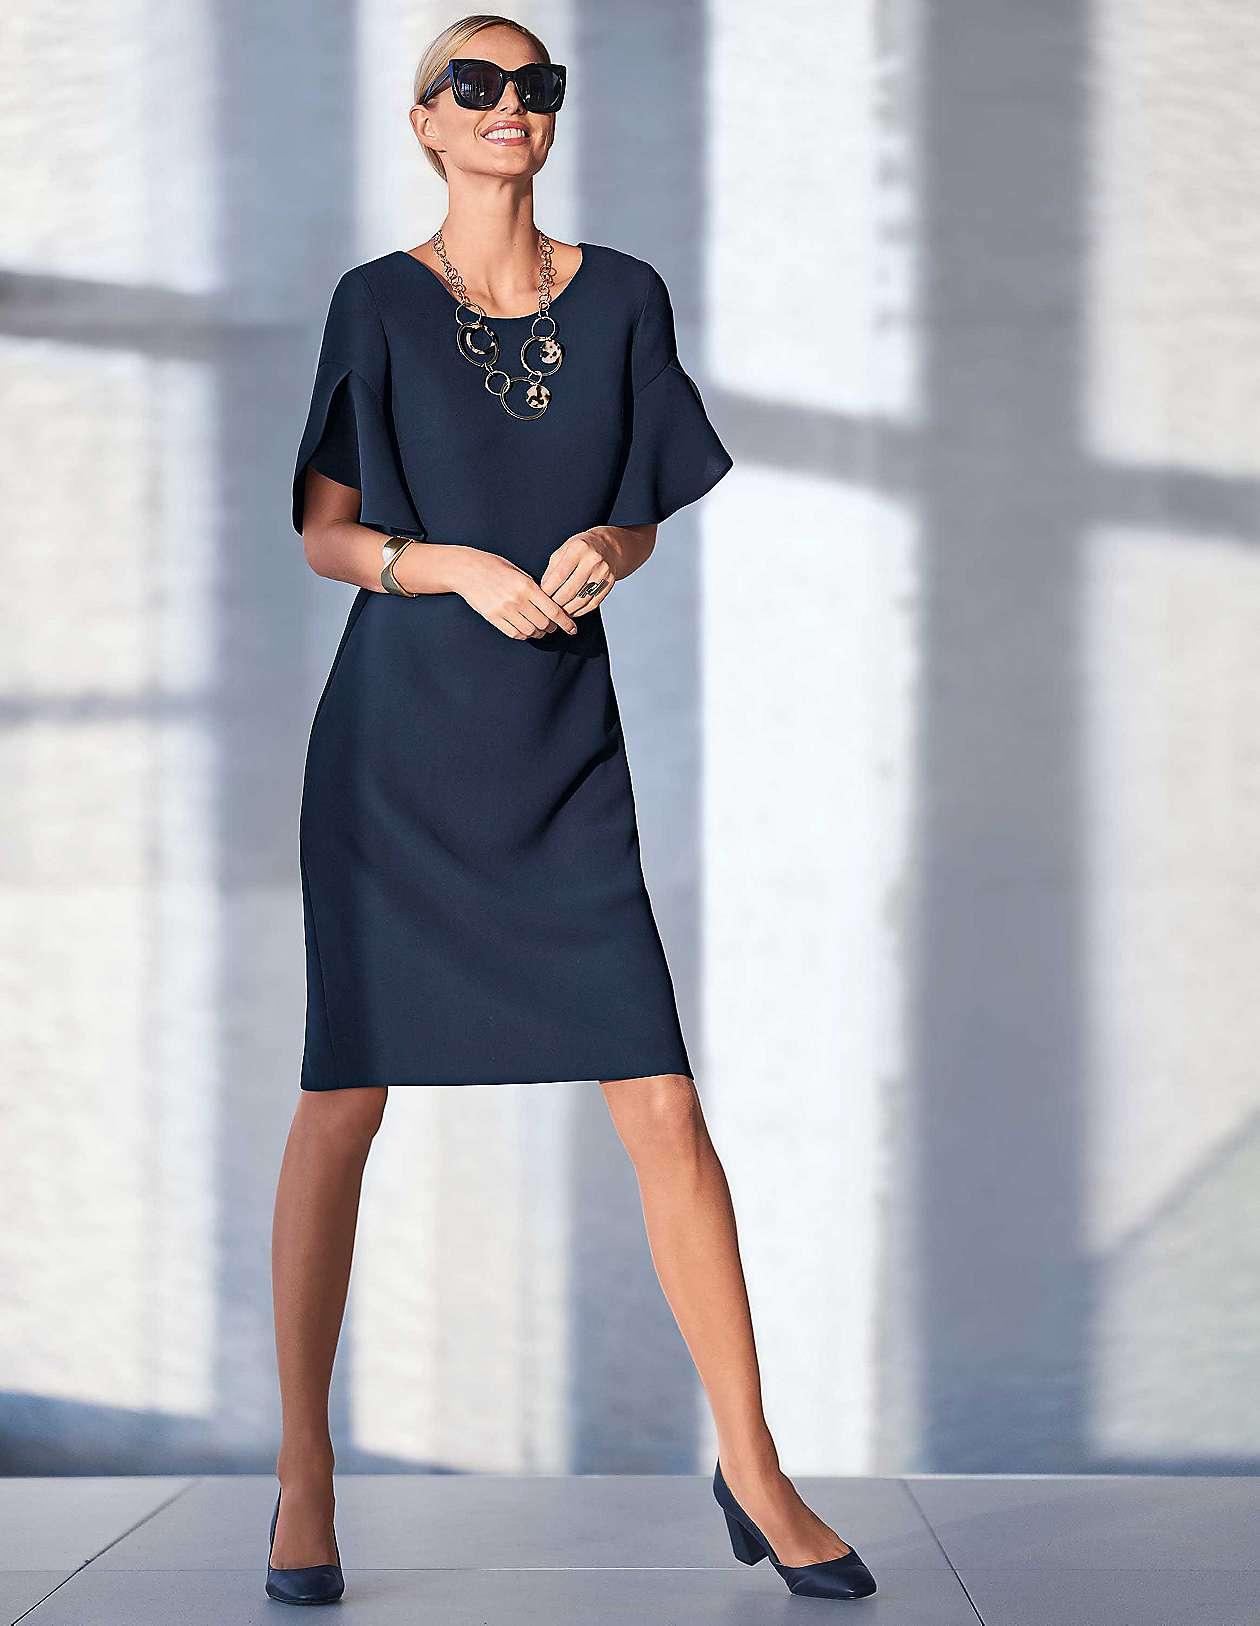 31a04af603b86 Elegante Kleider für stilvolle Auftritte bestellen | MADELEINE Mode